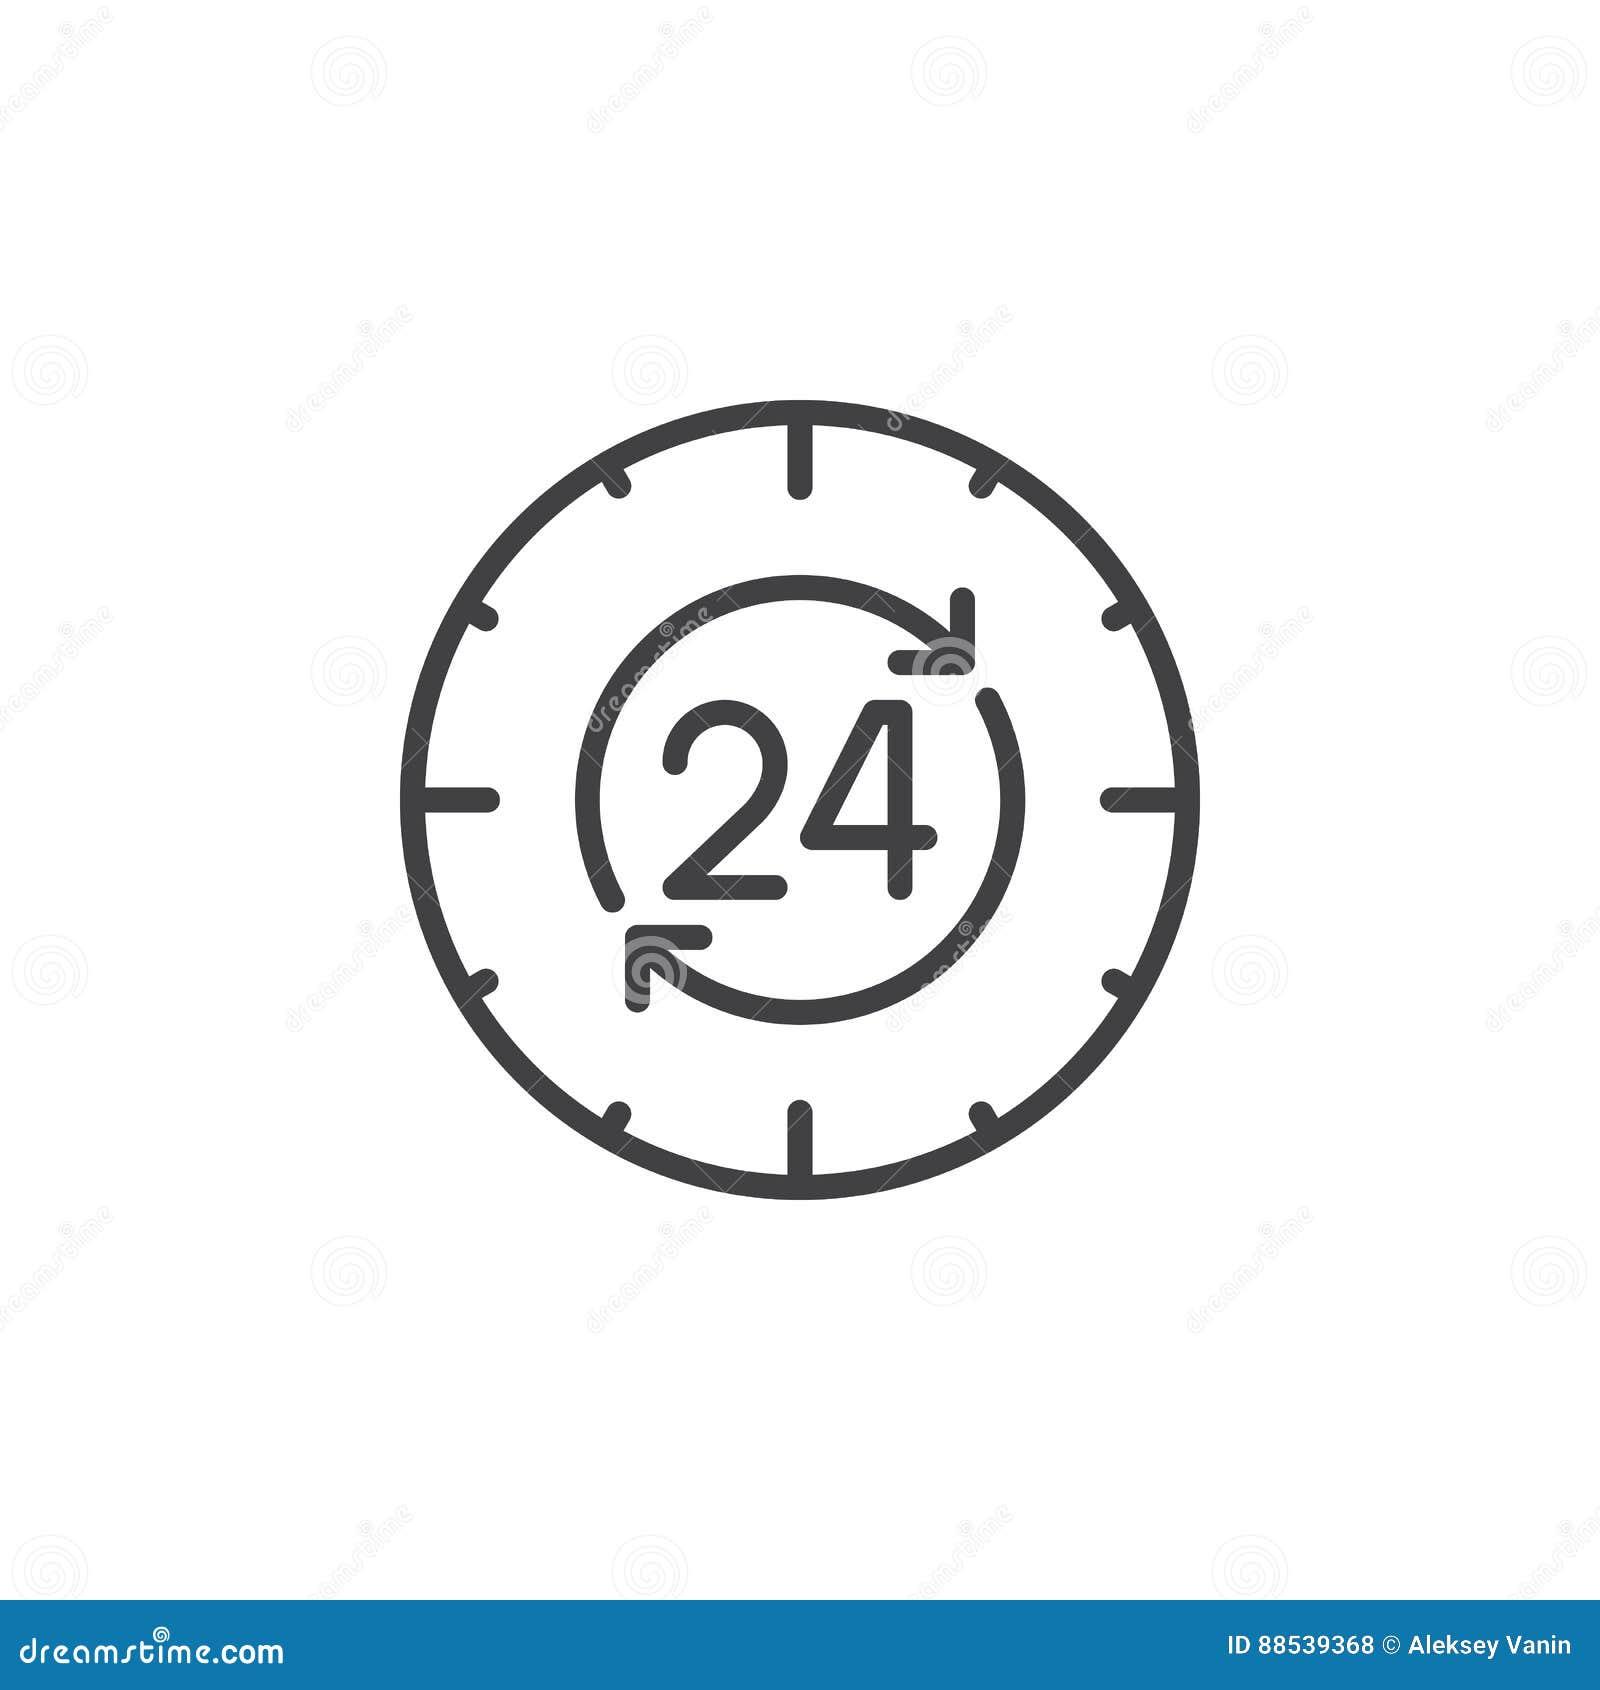 Gemütlich Stunden Zeichen Vorlage Zeitgenössisch - Entry Level ...